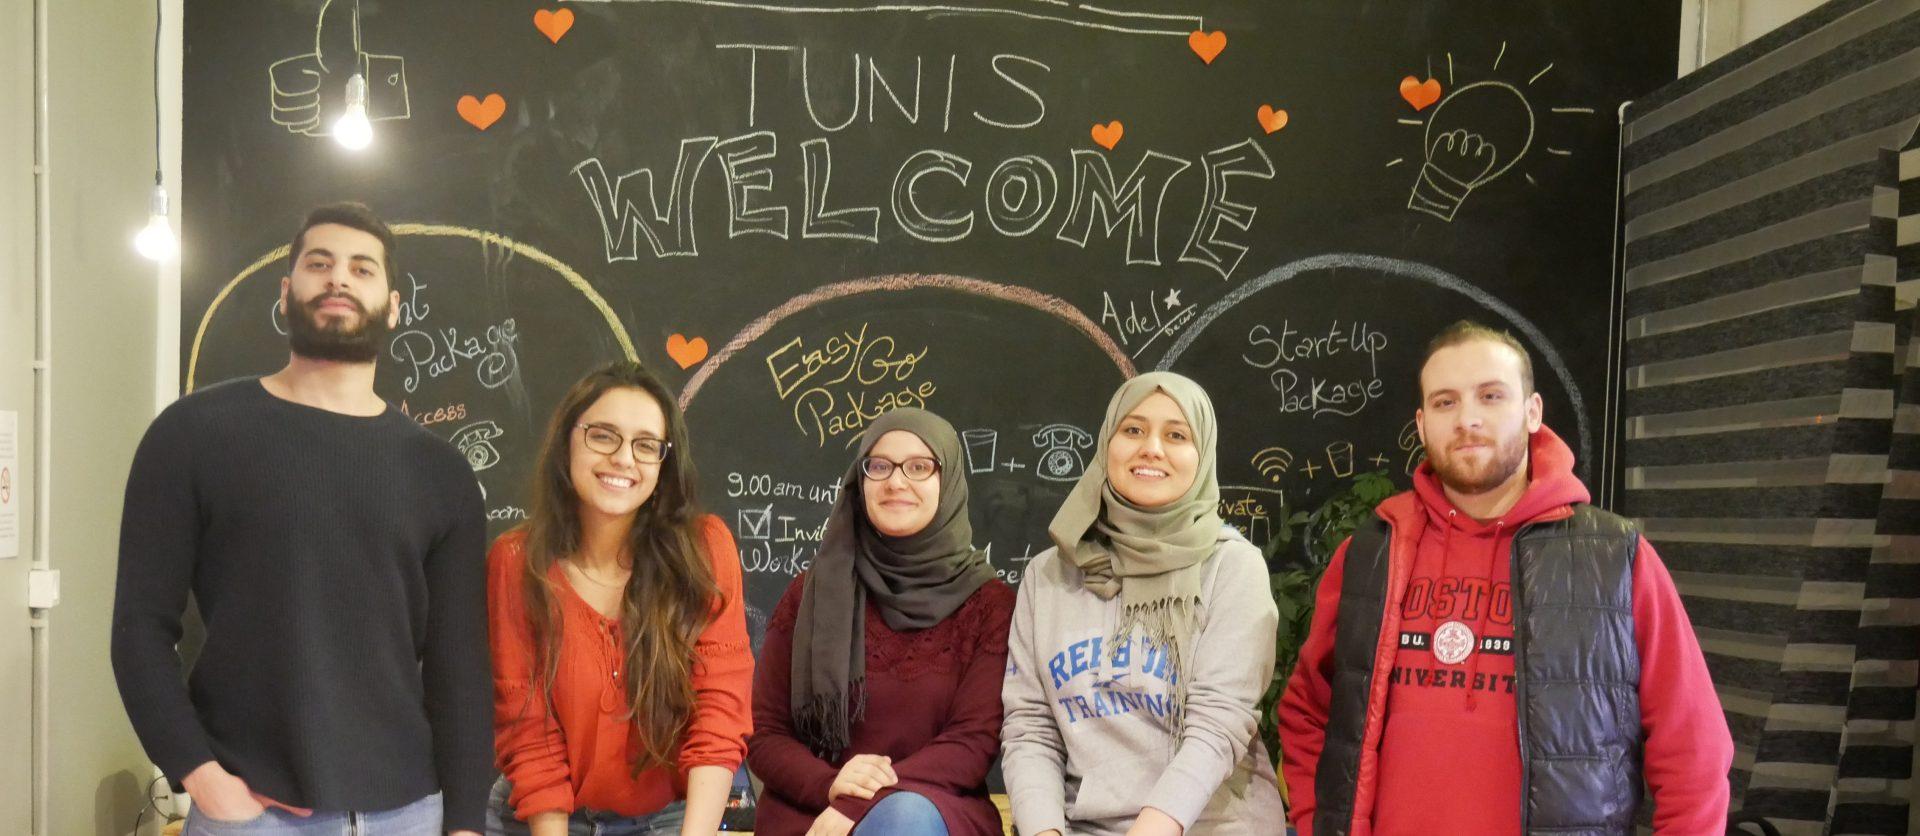 Le programme Renforcement de l'écosystème entrepreneurial en Tunisie soutenait de manière holistique les différents acteurs de l'écosystème entrepreneurial tunisien du mois de mars 2018 jusqu'au mois de juin 2019.